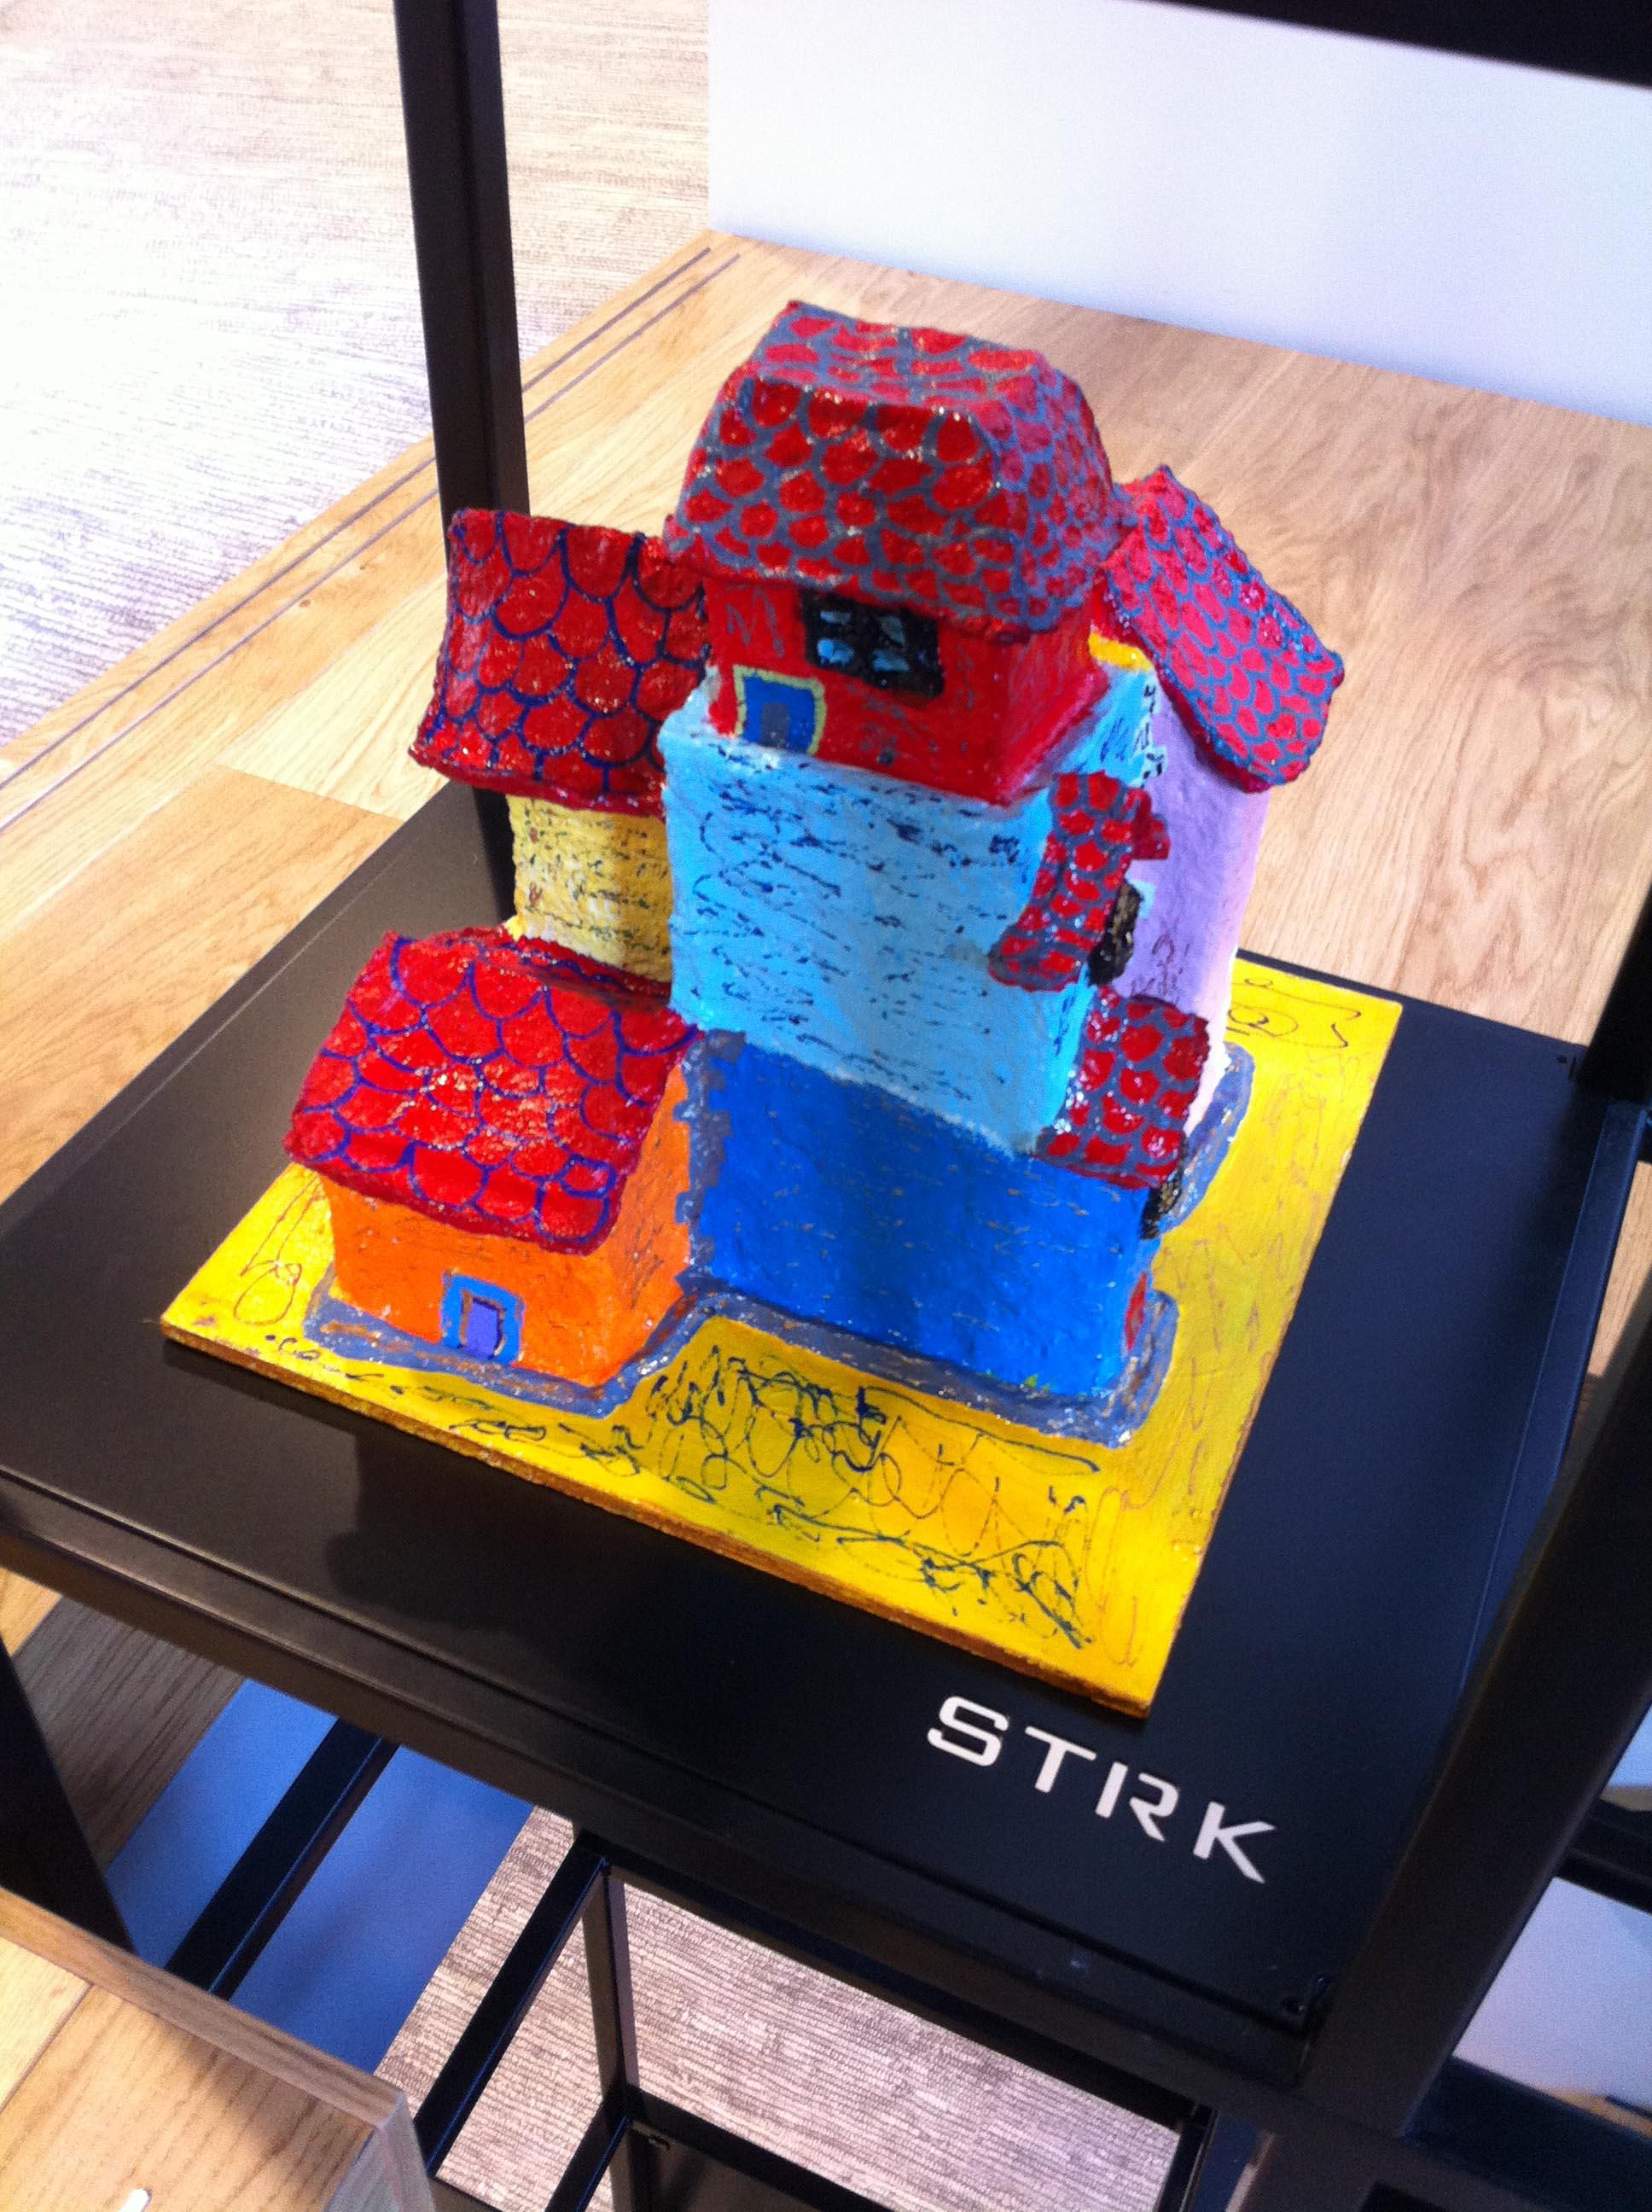 STRK Object Kunst en Co